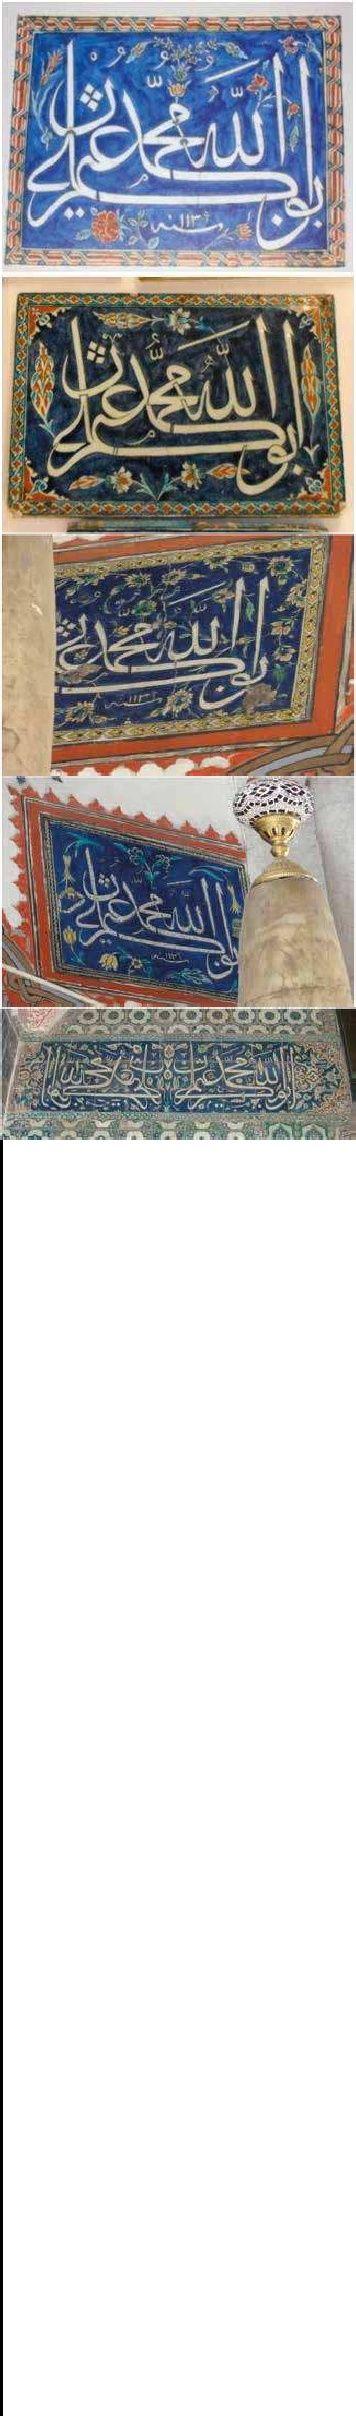 SULTAN AHMED III'S CALLIGRAPHY ON TEKFUR SARAY TILES | Bora Keskiner - Academia.edu